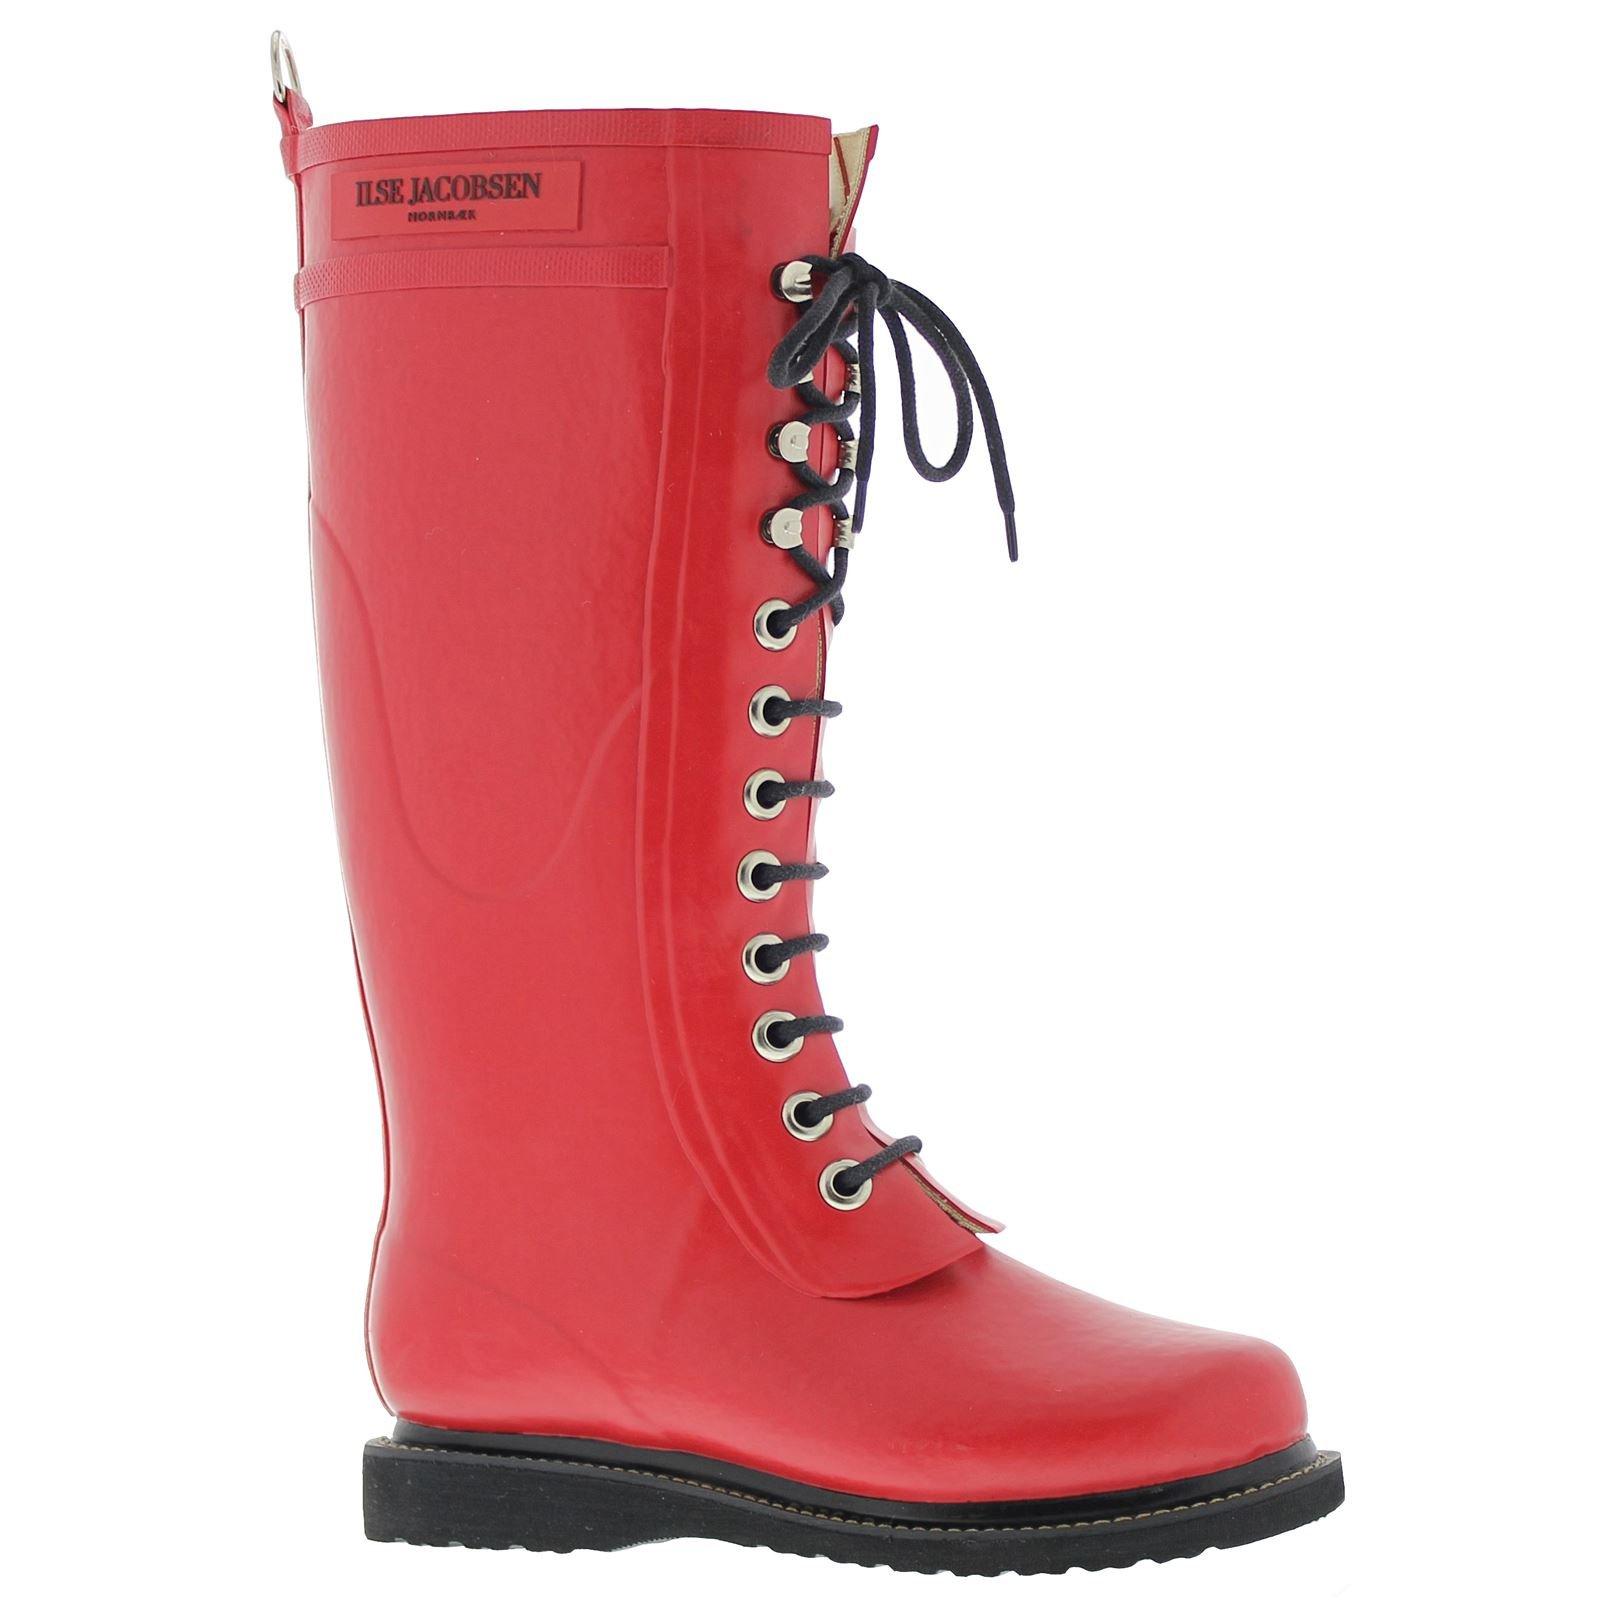 Ilse Jacobsen Hornbaek Rub1 Long Knee High Rubber Rain Boot Deep Red 39